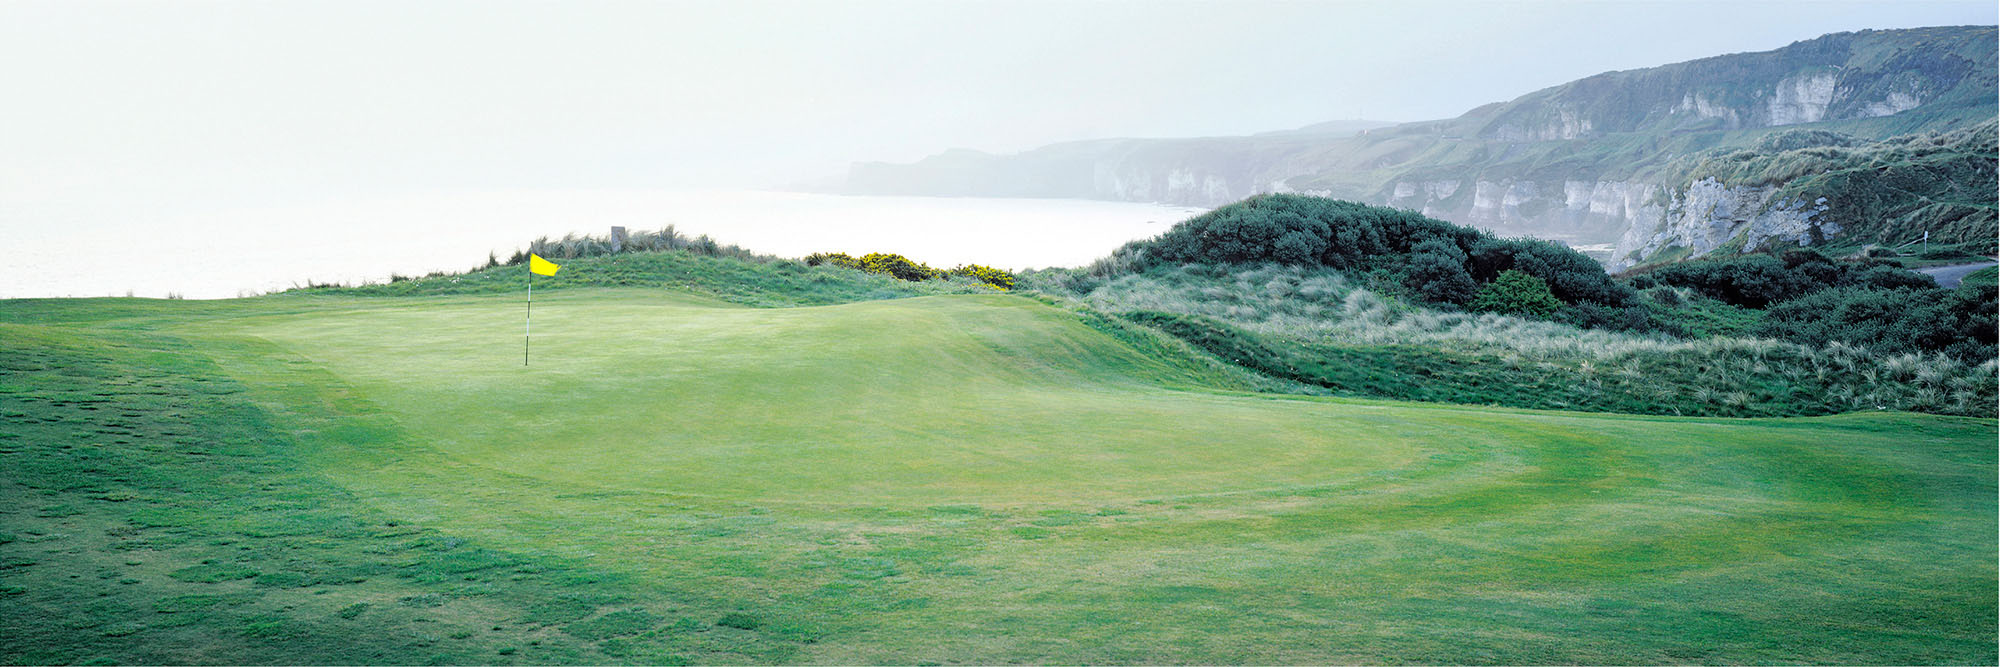 Golf Course Image - Royal Portrush Golf Club No. 5